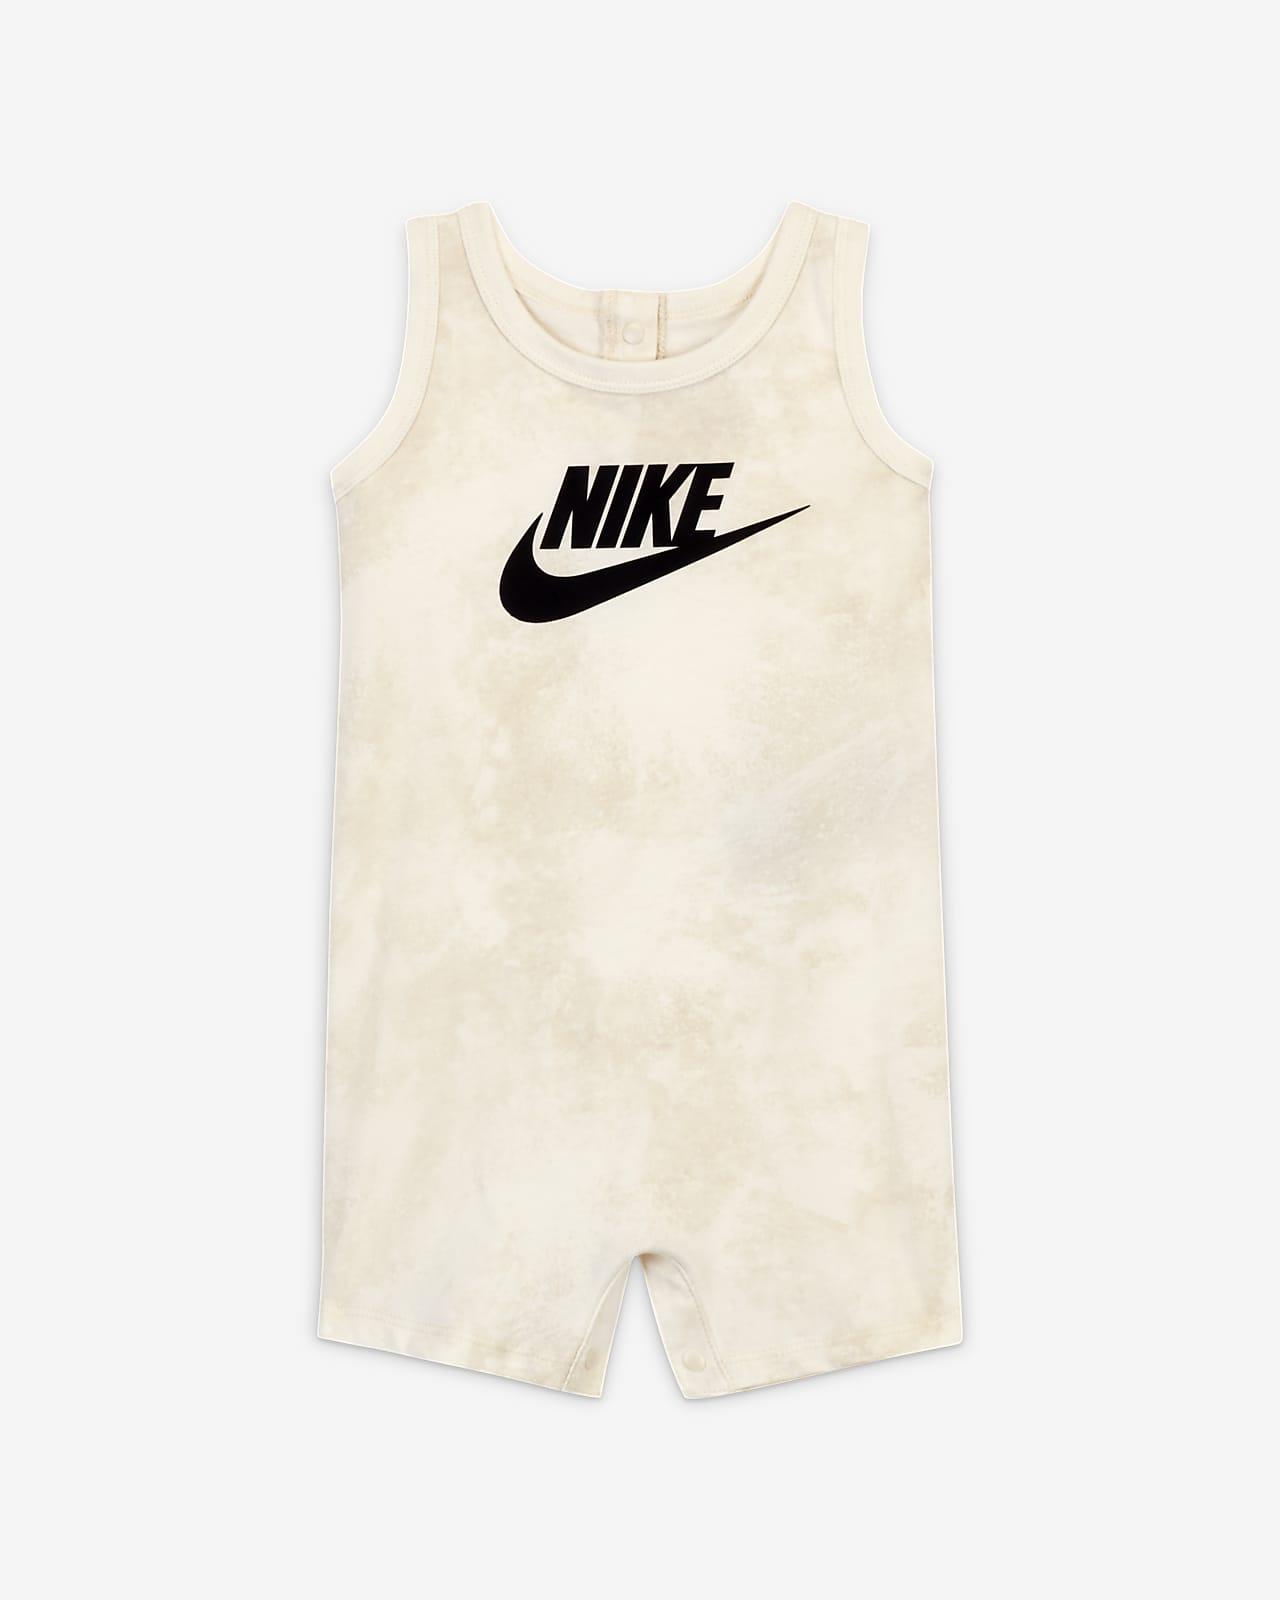 Nike Sportswear Baby (12-24M) Romper